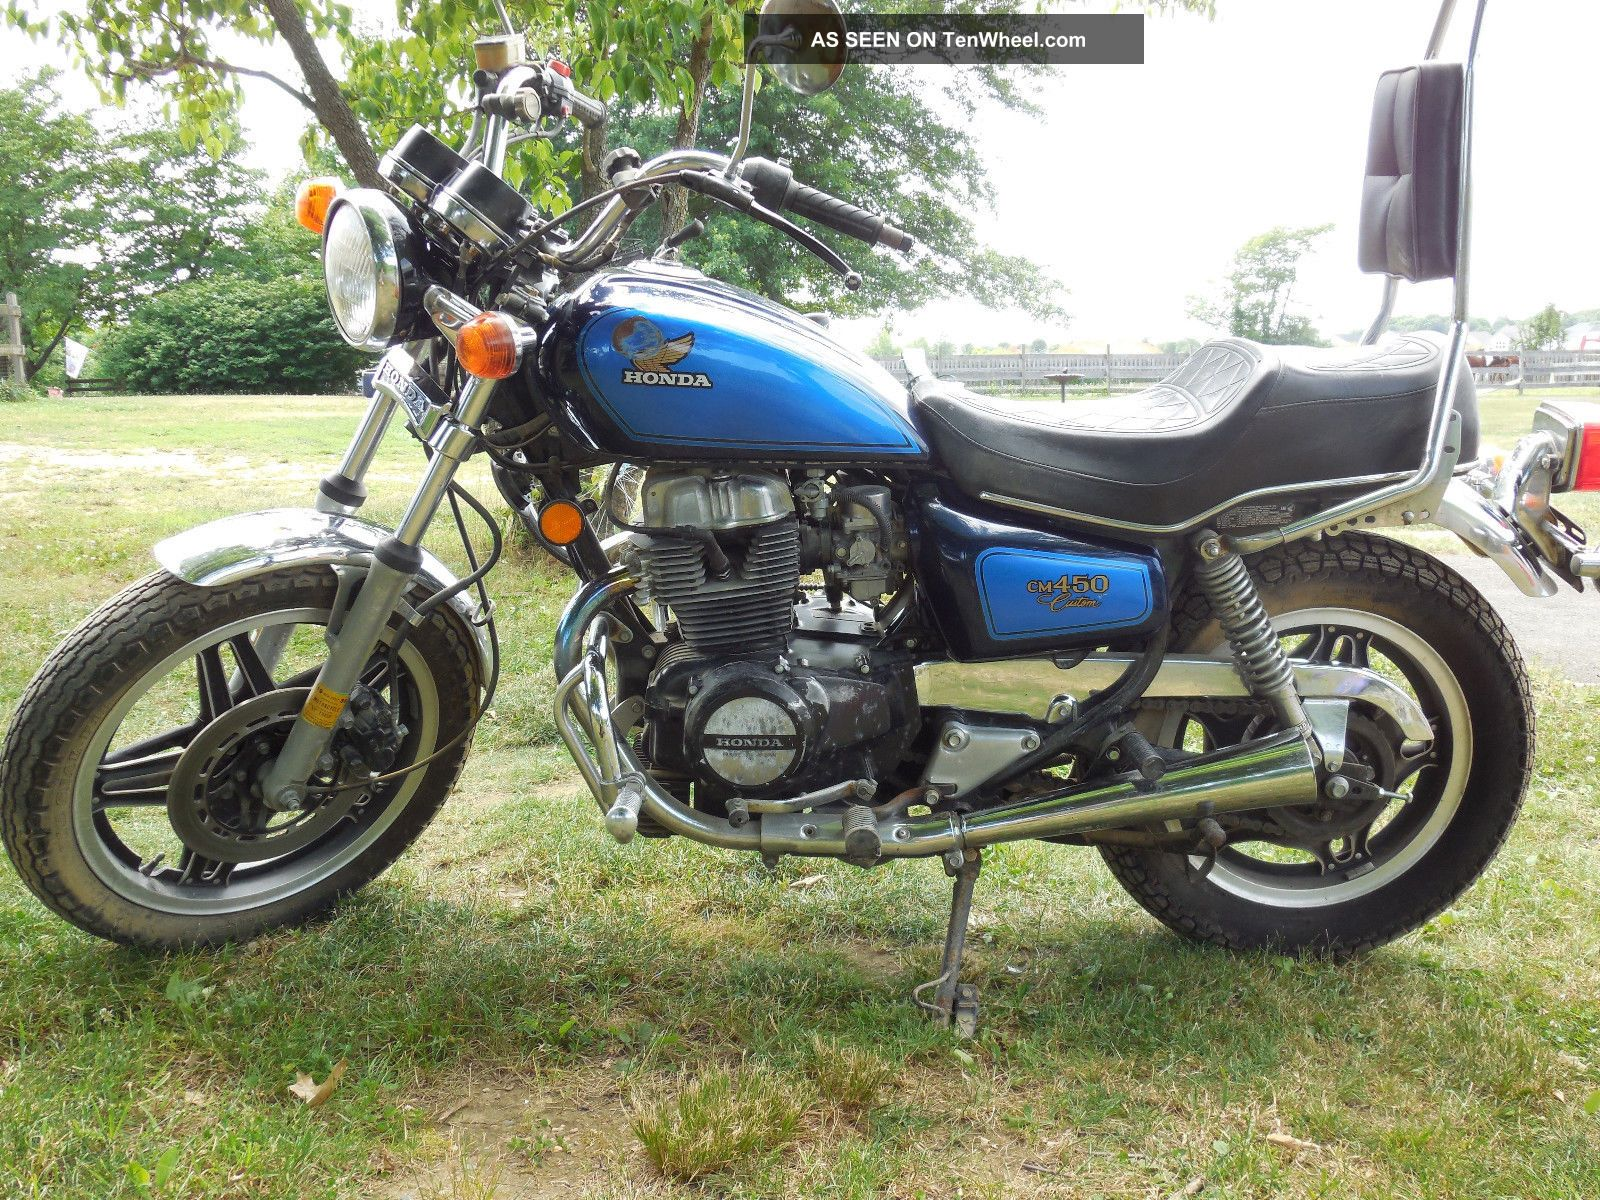 honda custom motorcycle 1982 cm450 motorcycles enlarge